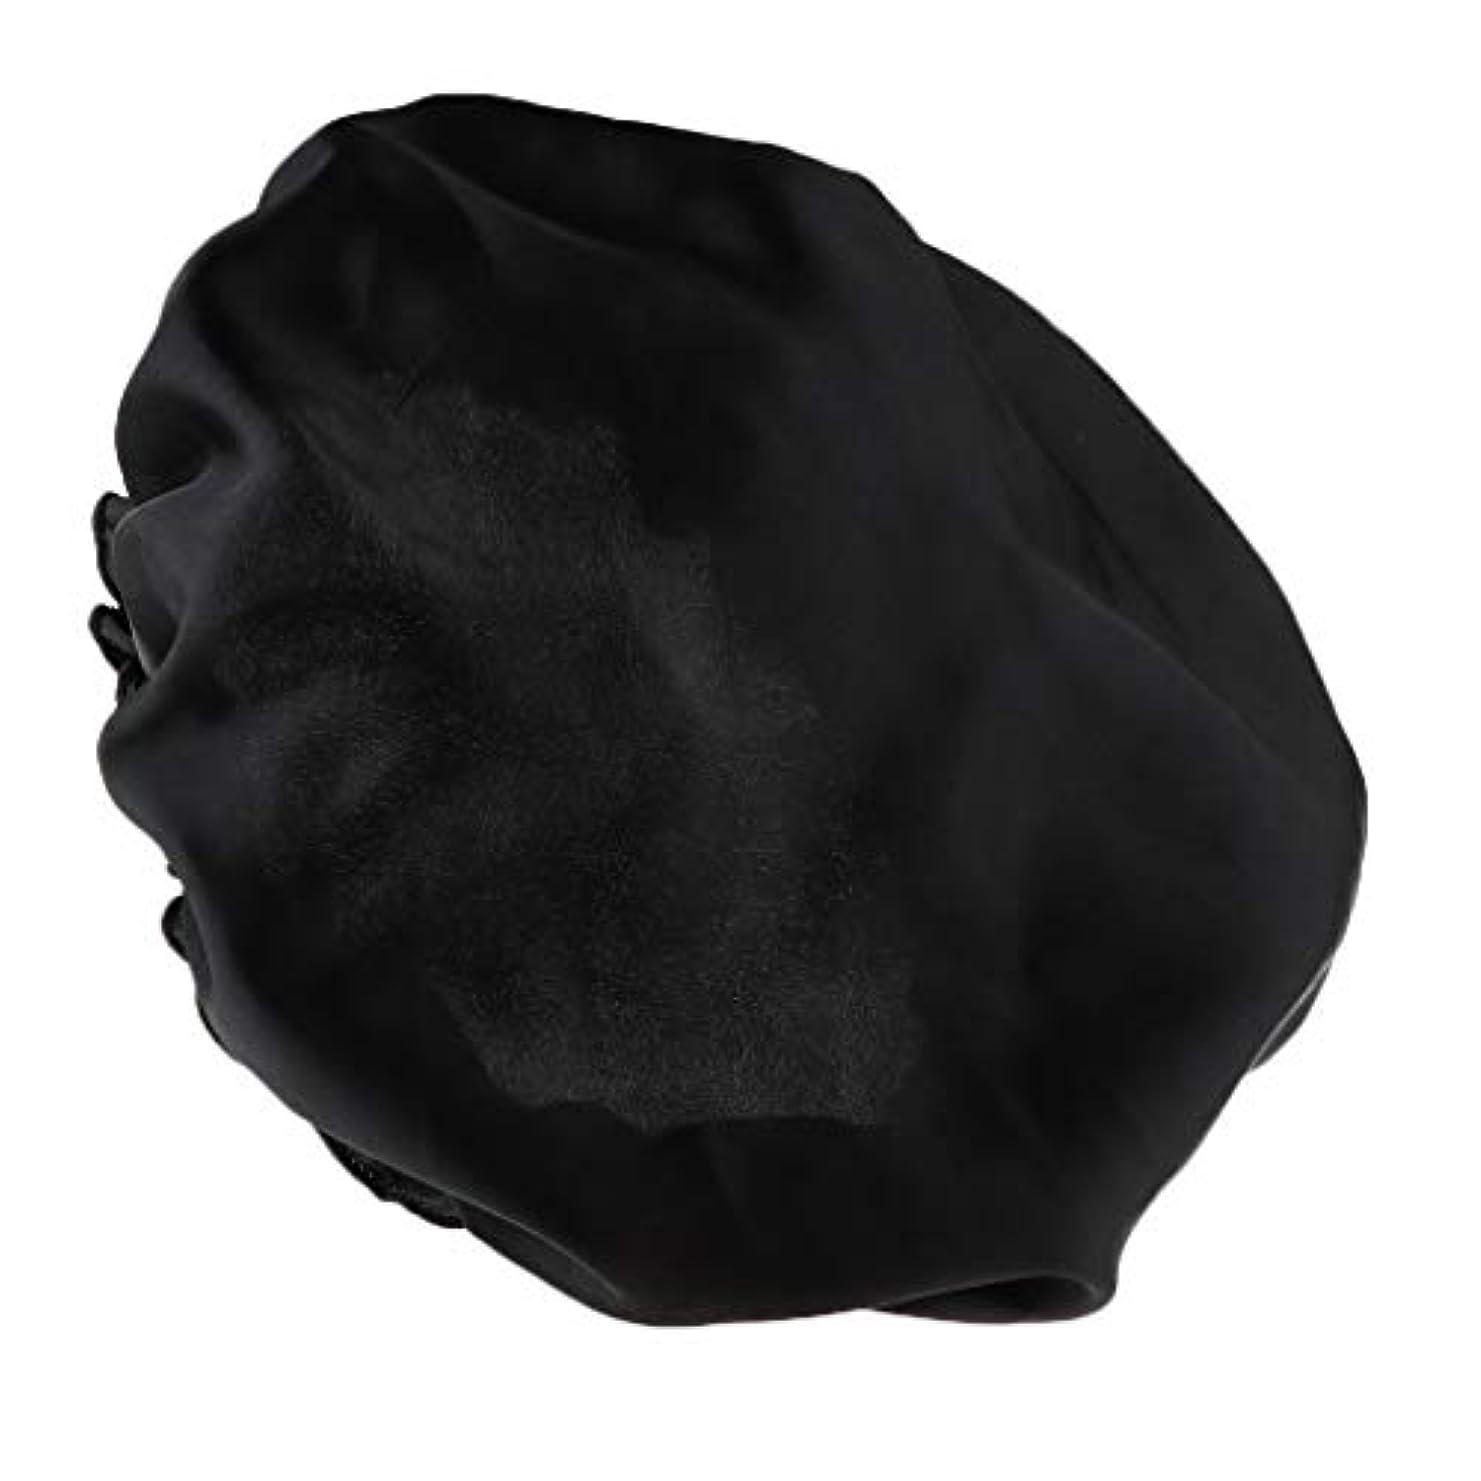 行動冷蔵する外国人FLAMEER シャワーキャップ シルクサテンキャップ シルクサテン帽子 美容ヘッドカバー 浴用帽子 全8色 - ブラック